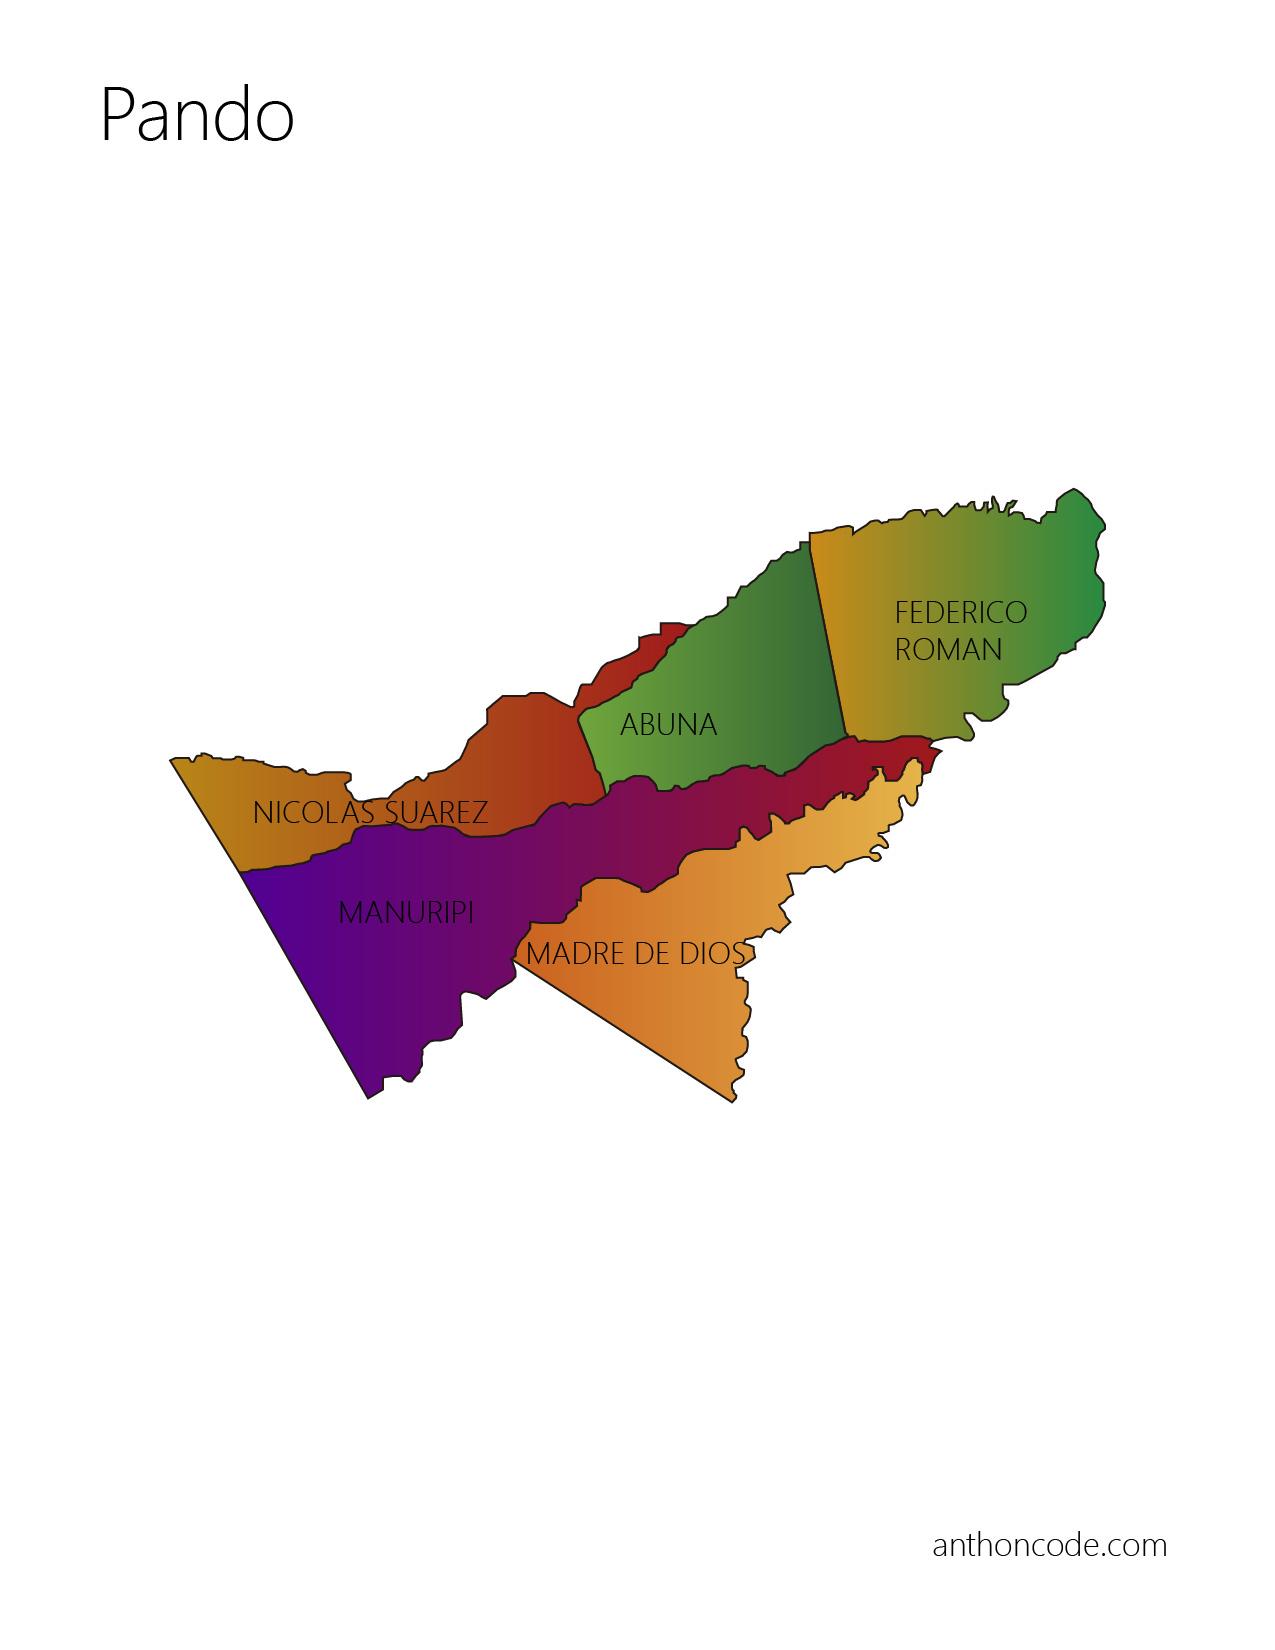 Mapa político de Pando y Provincias para pintar